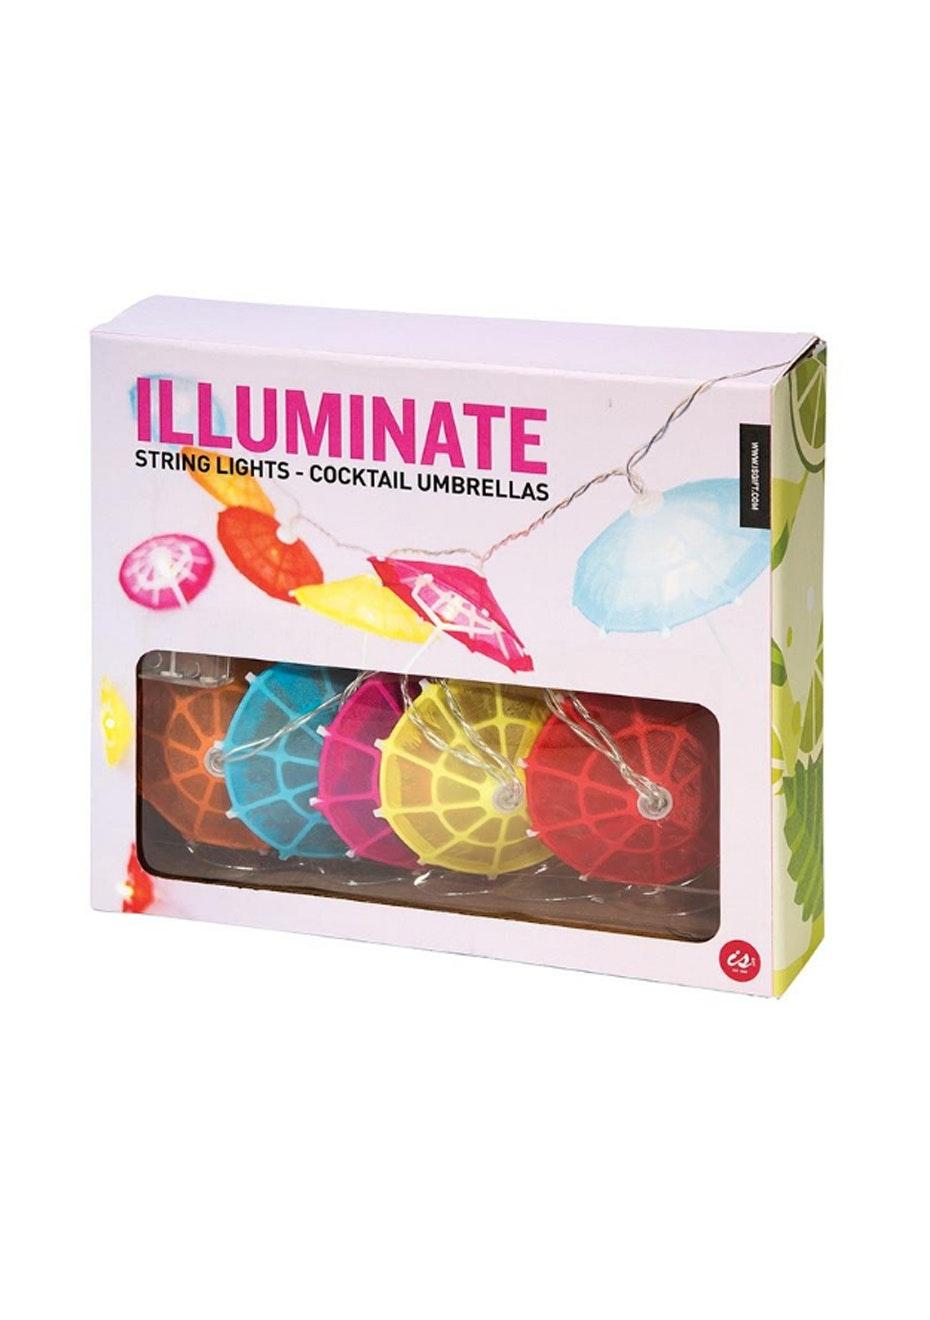 Illuminate String Lights - Cocktail Umbrellas